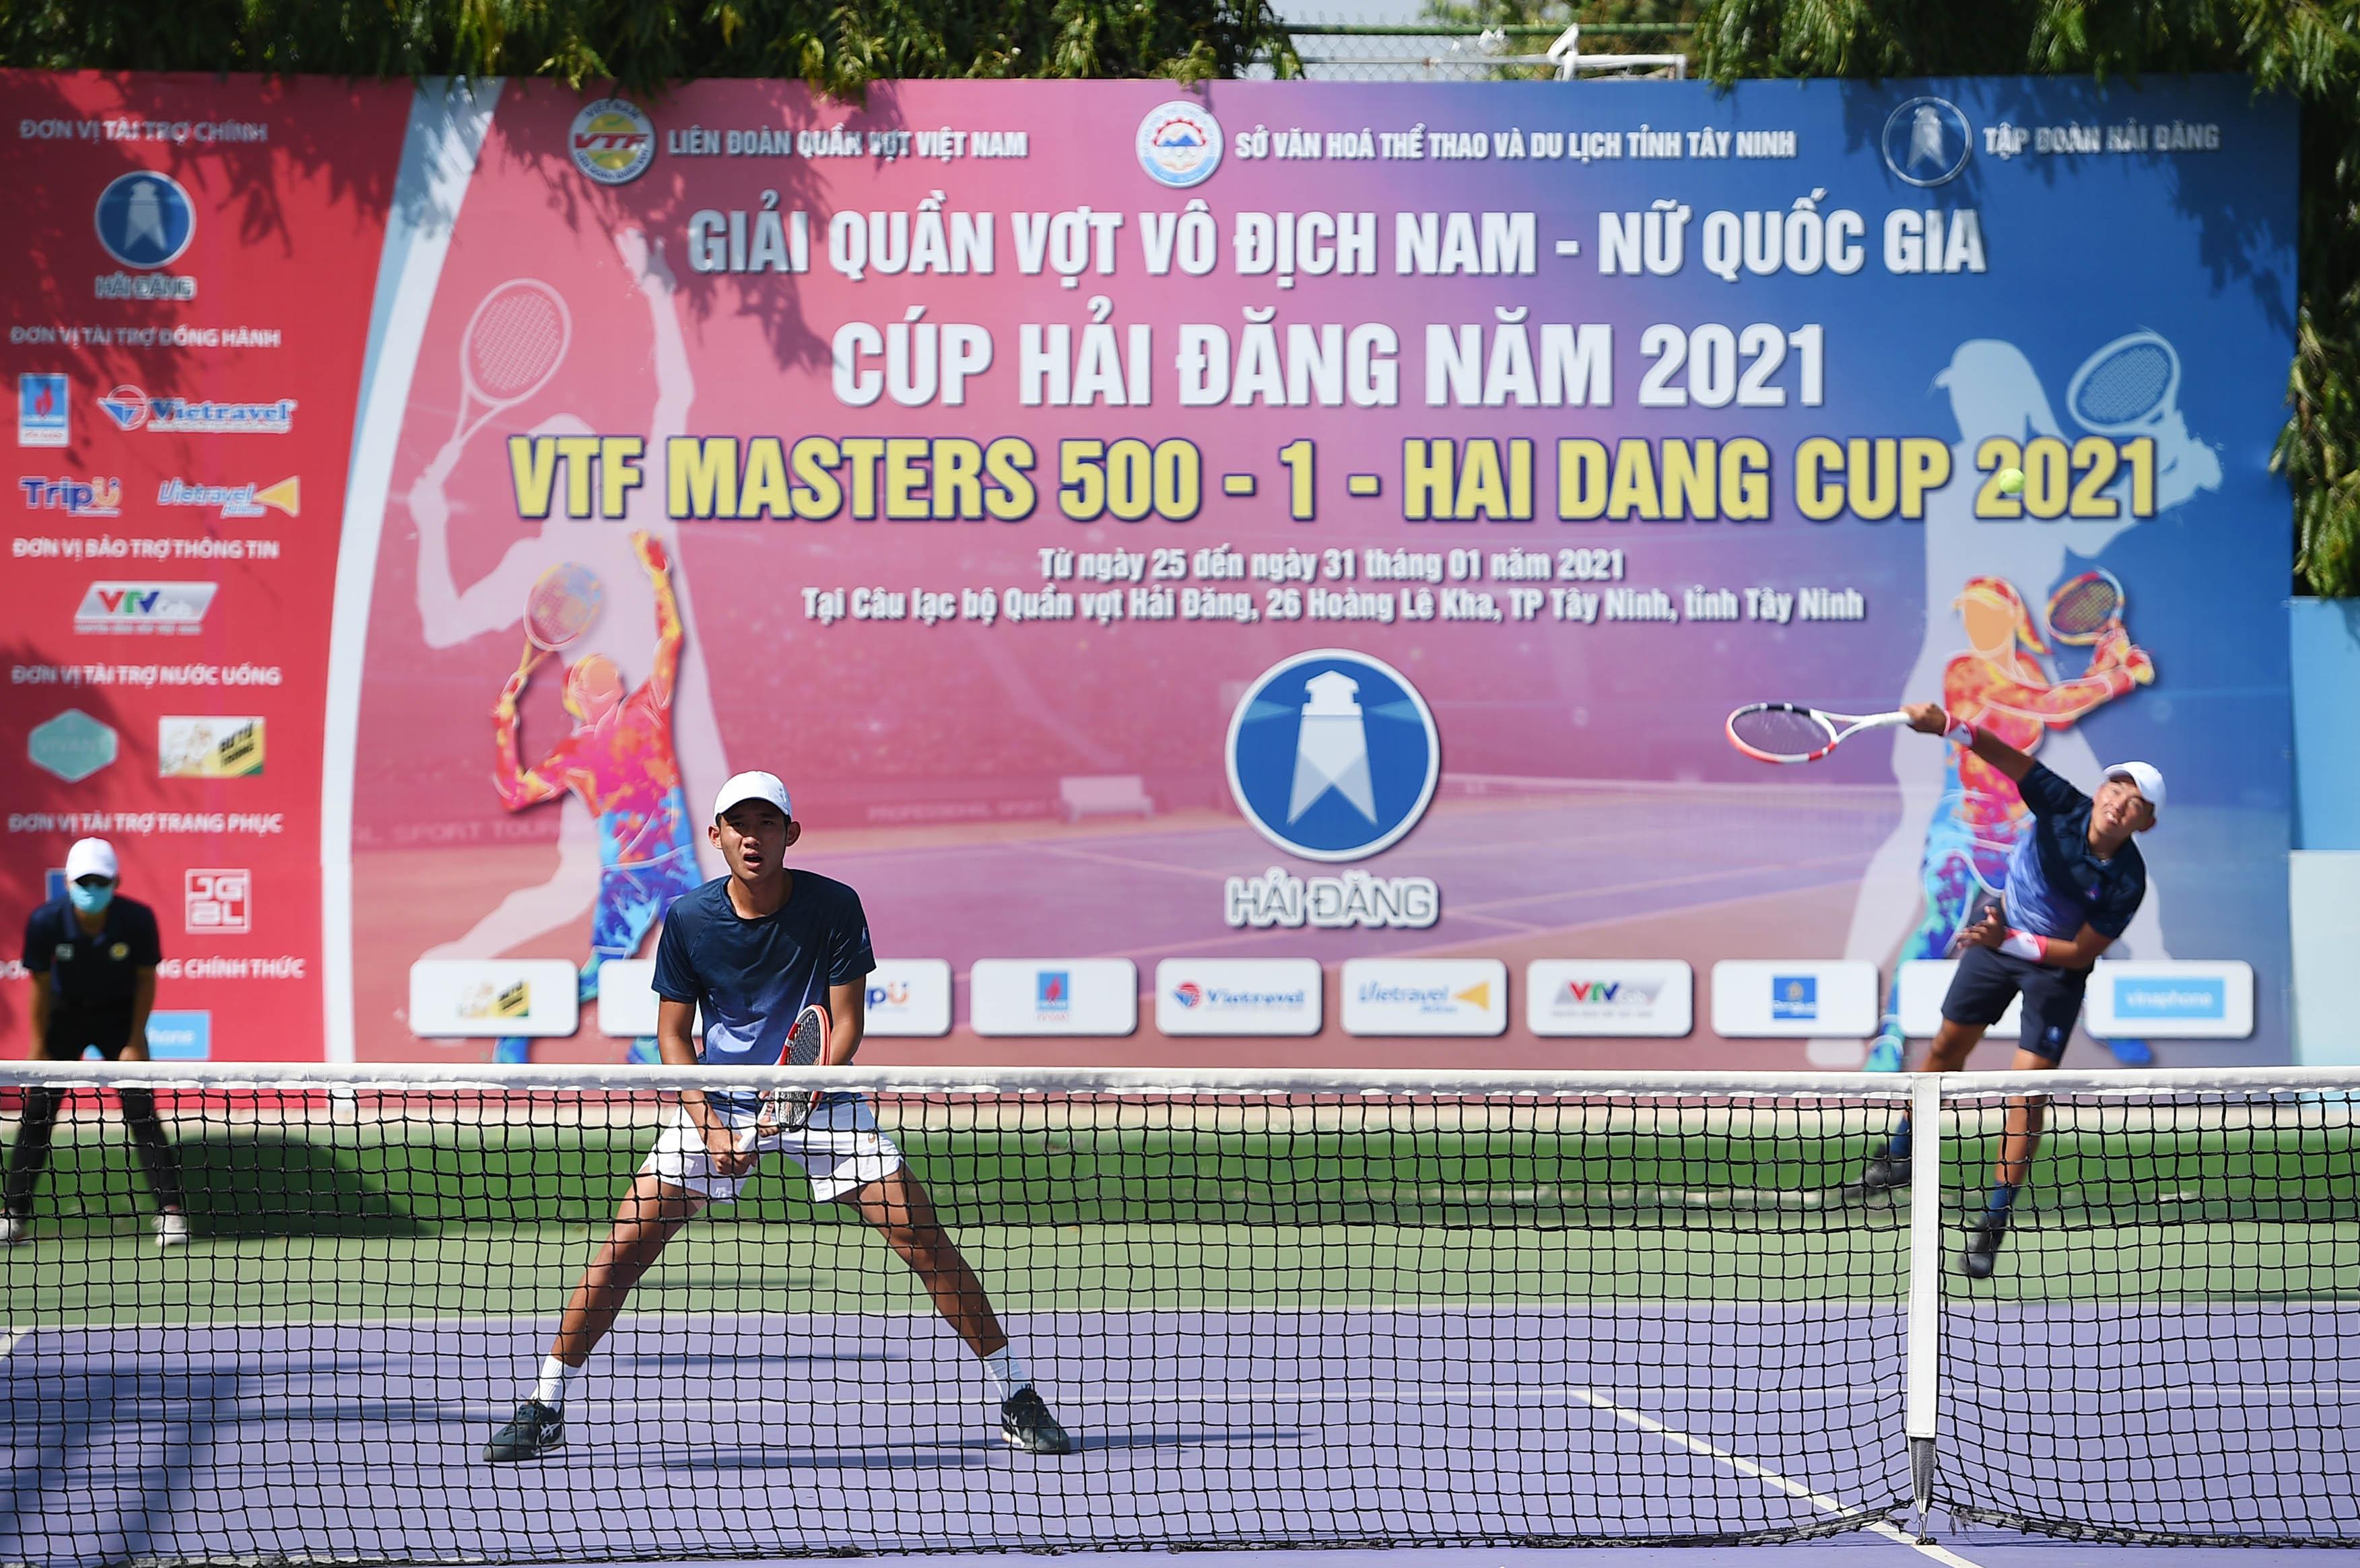 Hình ảnh: VTF Masters 500 – 1 – Hai Dang Cup 2021: Ấn tượng tài năng trẻ Nguyễn Quang Vinh số 3